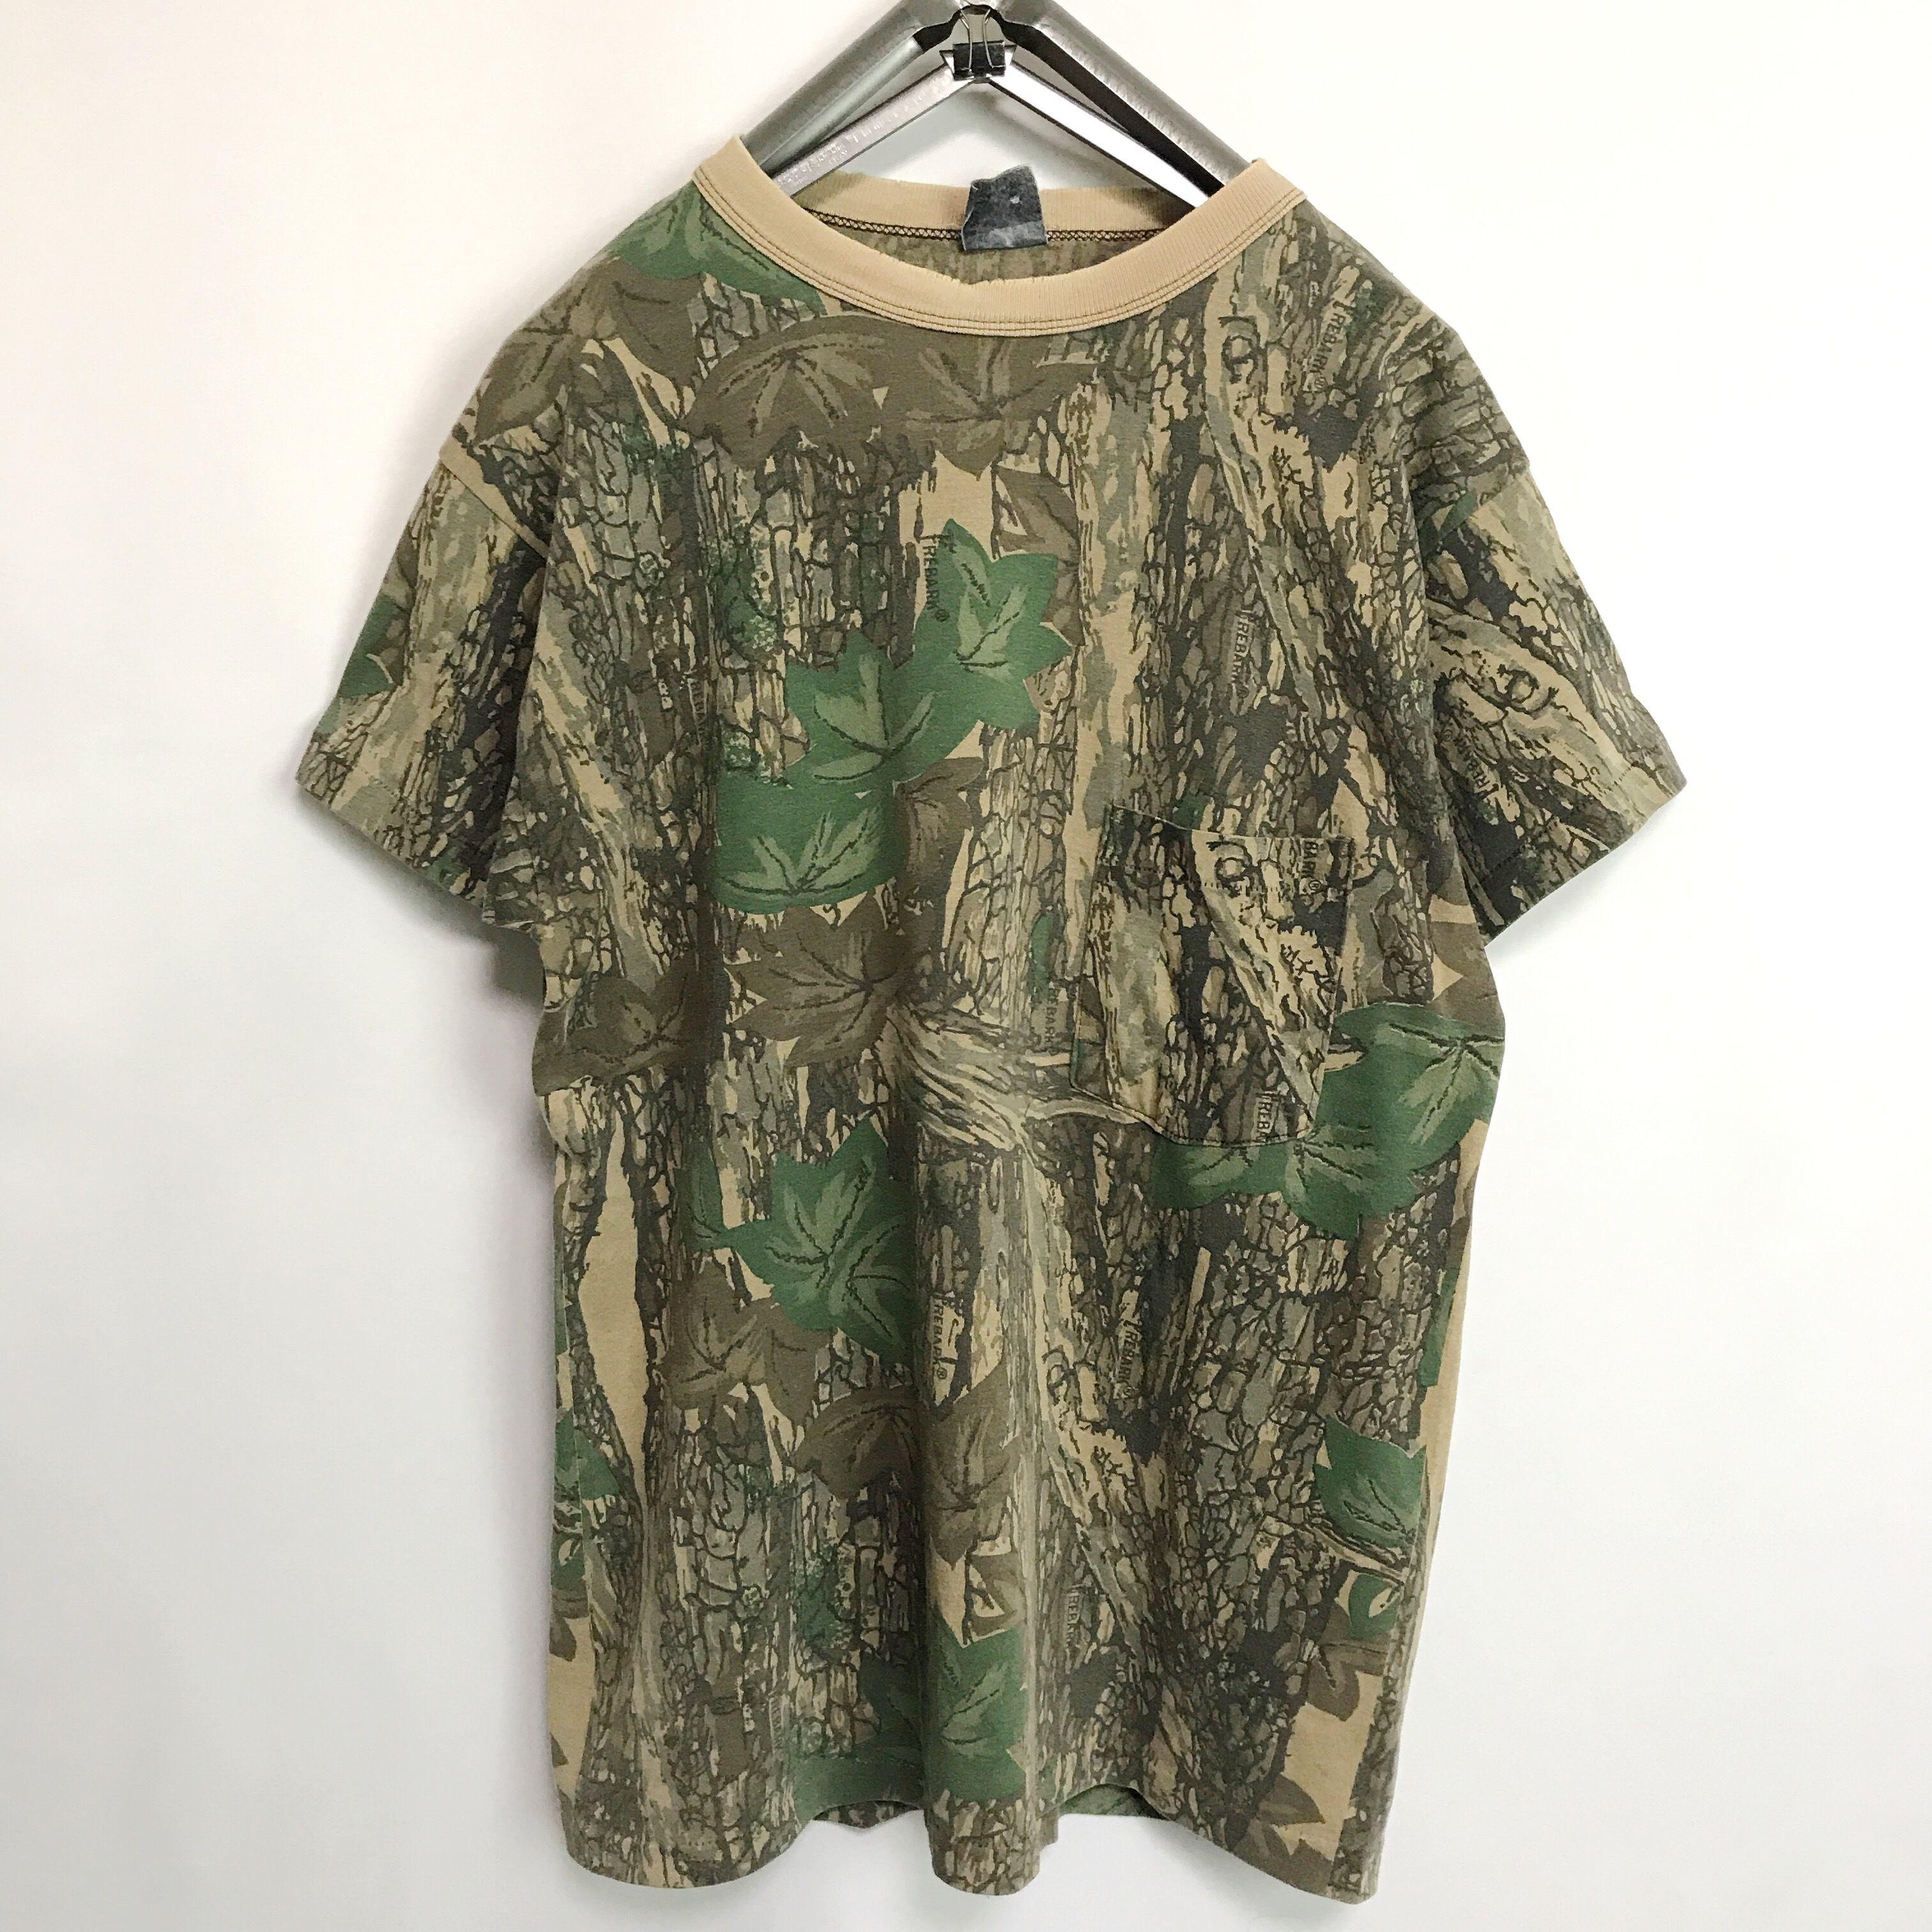 TREBARKリアルツリー 迷彩柄 ポケット Tシャツ